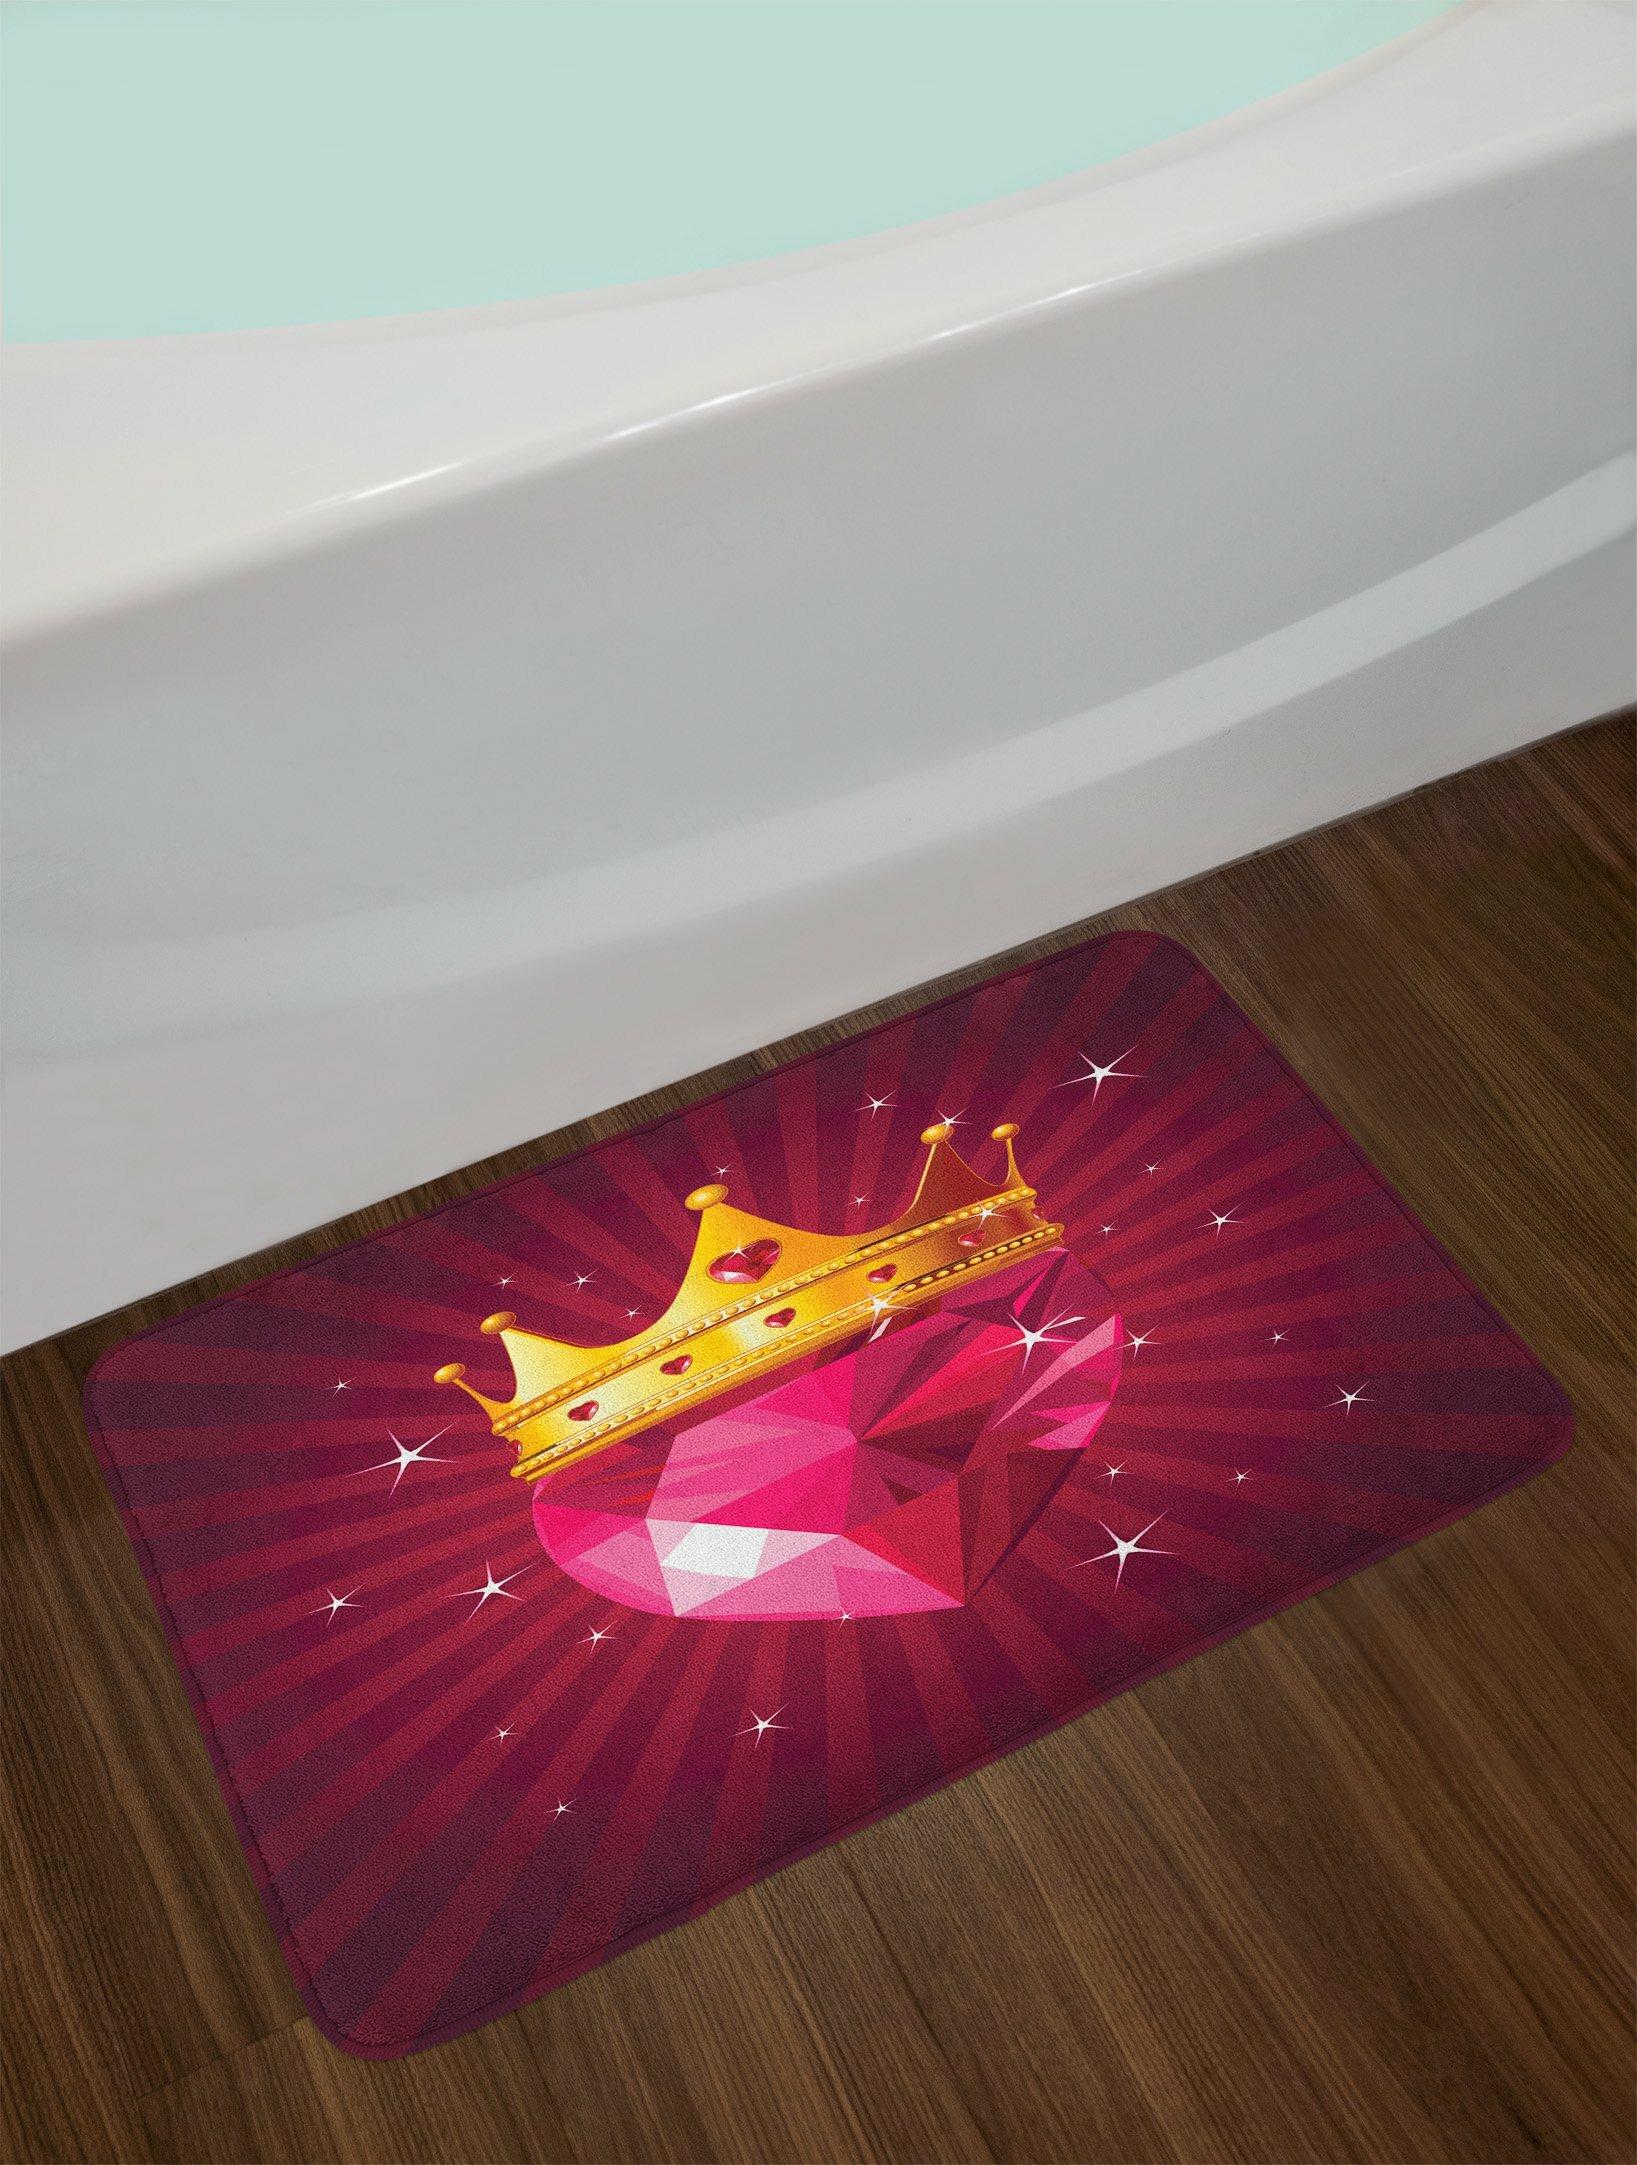 Non-slip Doormats Floor Entryways Indoor Front Door Mat Gift Decor Romantic Background With Hearts For Valentine Day Bath Rugs